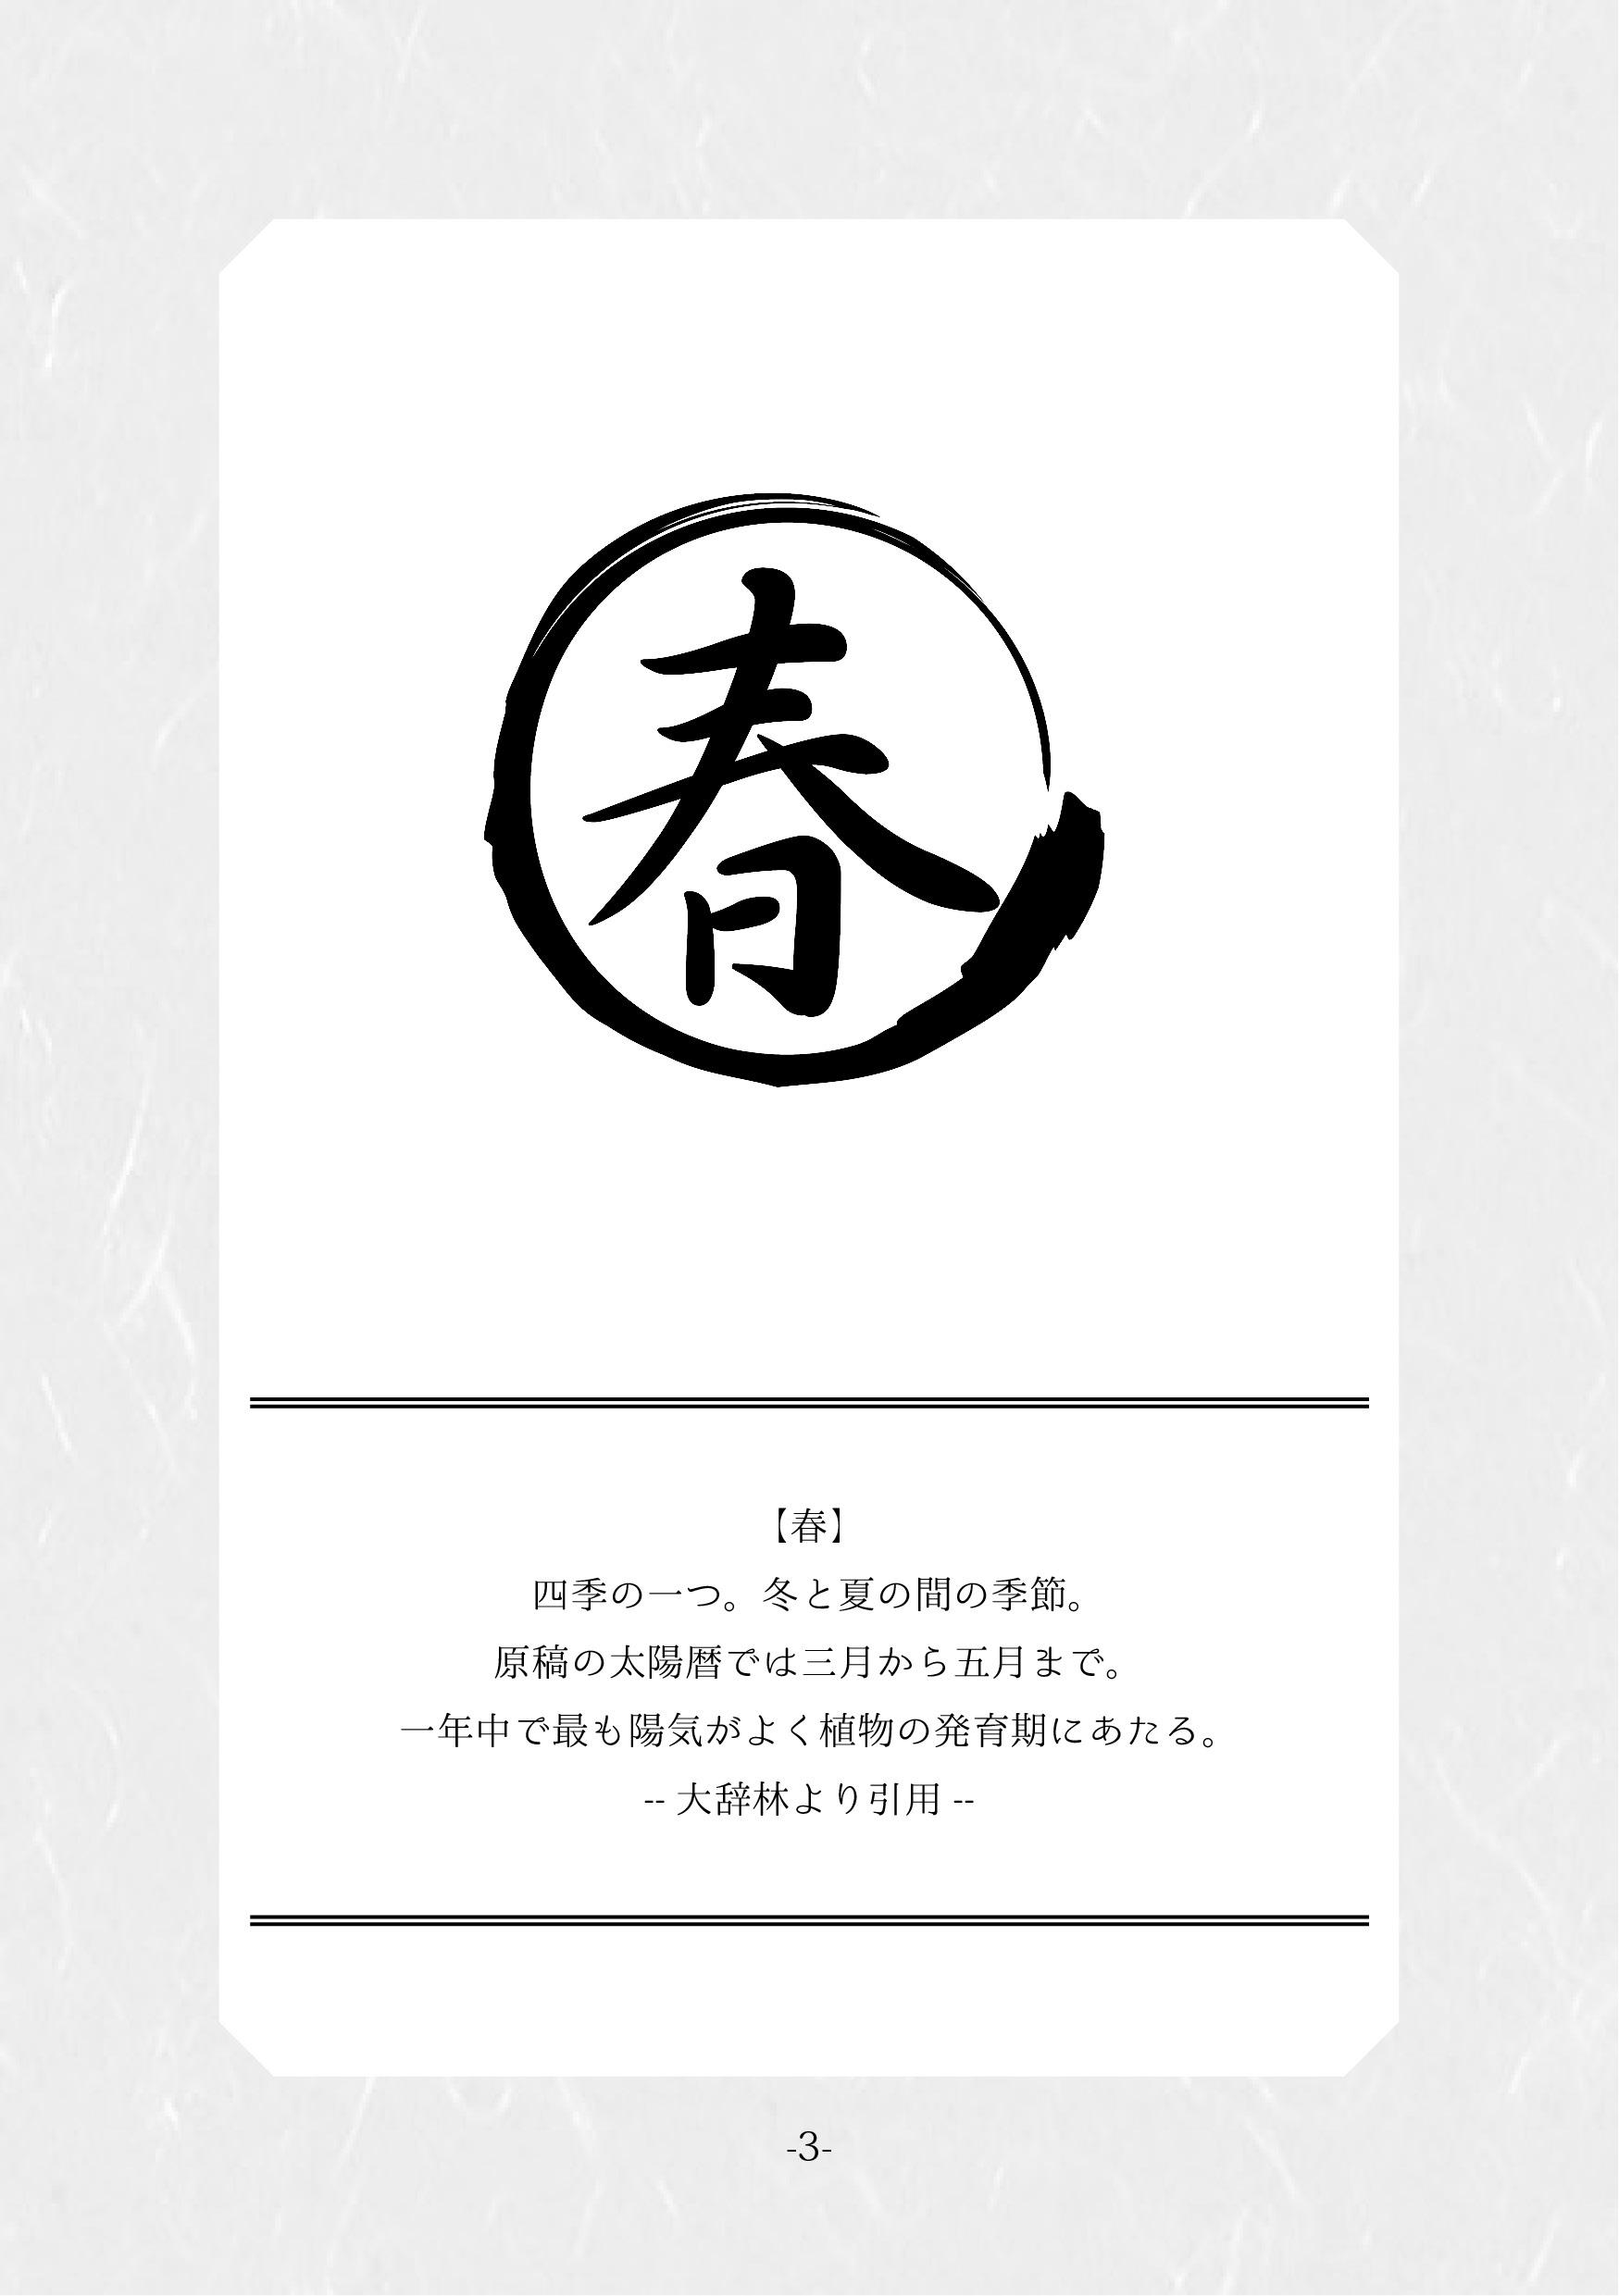 四季-入稿用043